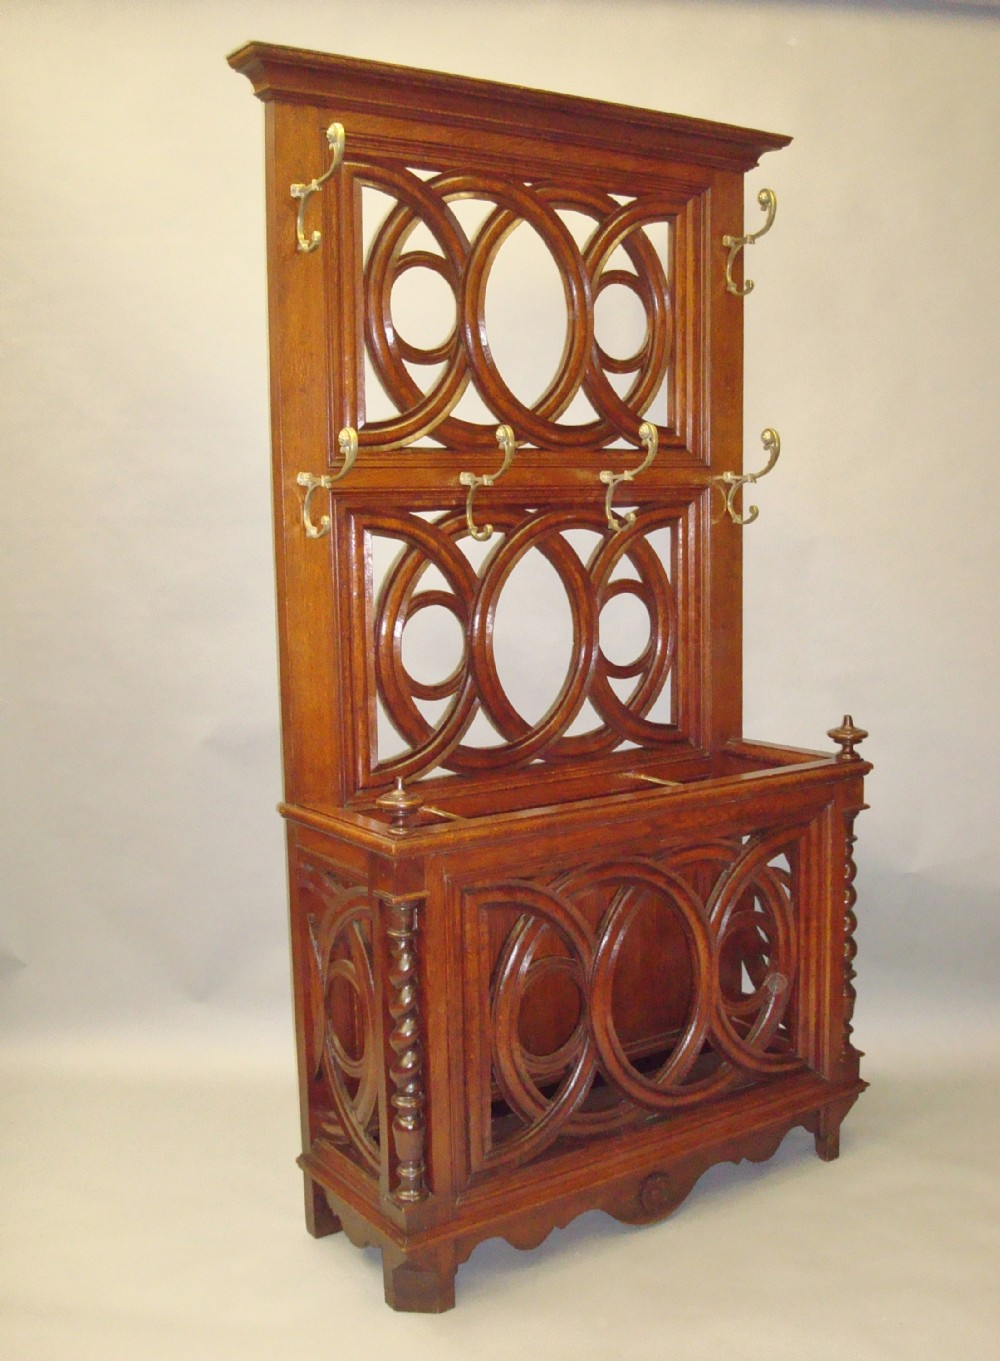 a stylish 19th century oak hall stand